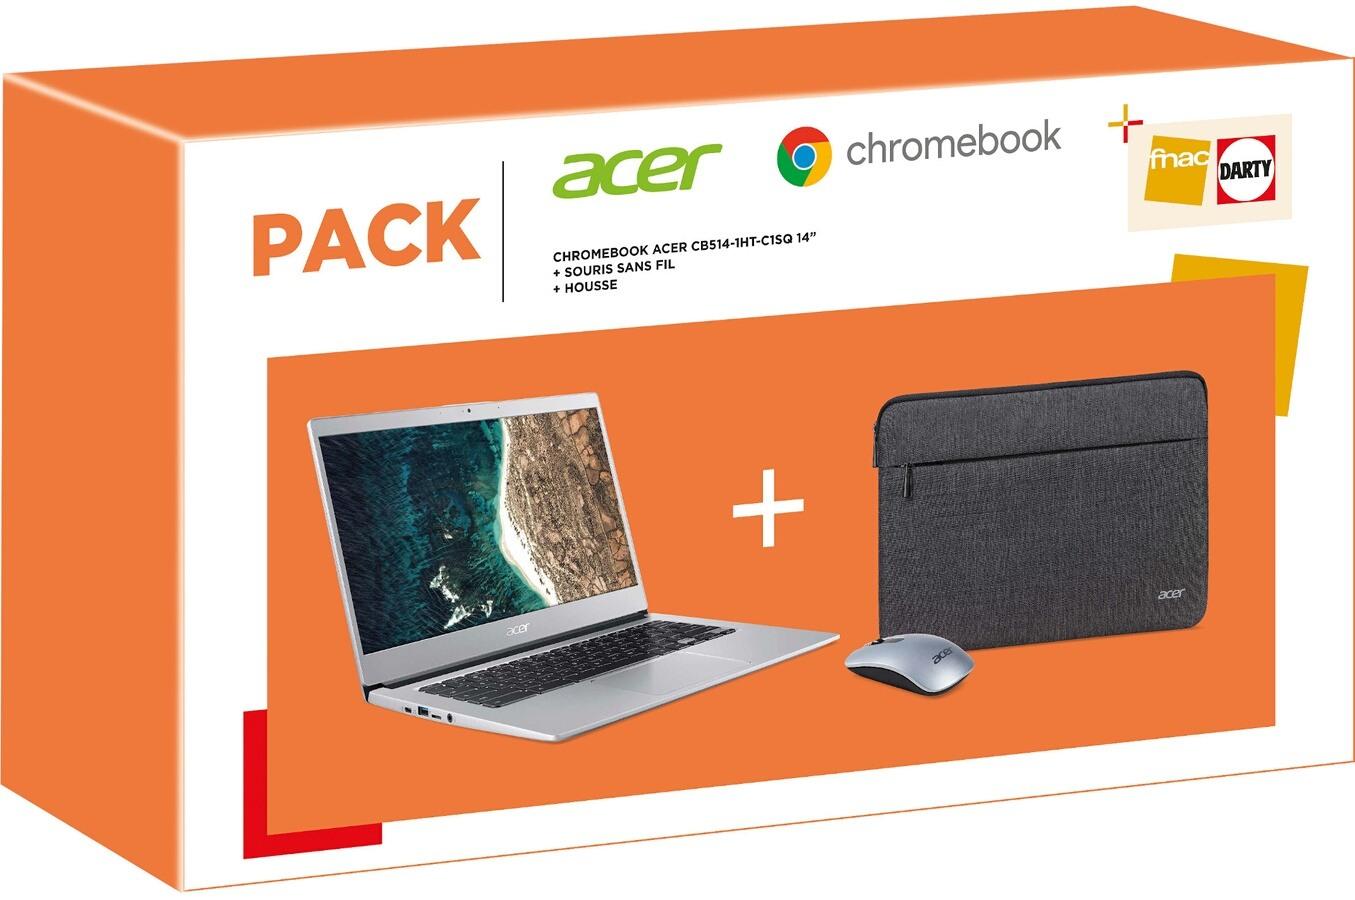 """PC Portable 14"""" Acer Chromebook CB514-1HT-C1SQ - Celeron N3350, 64Go, 8Go de RAM + Souris sans fil + Housse"""